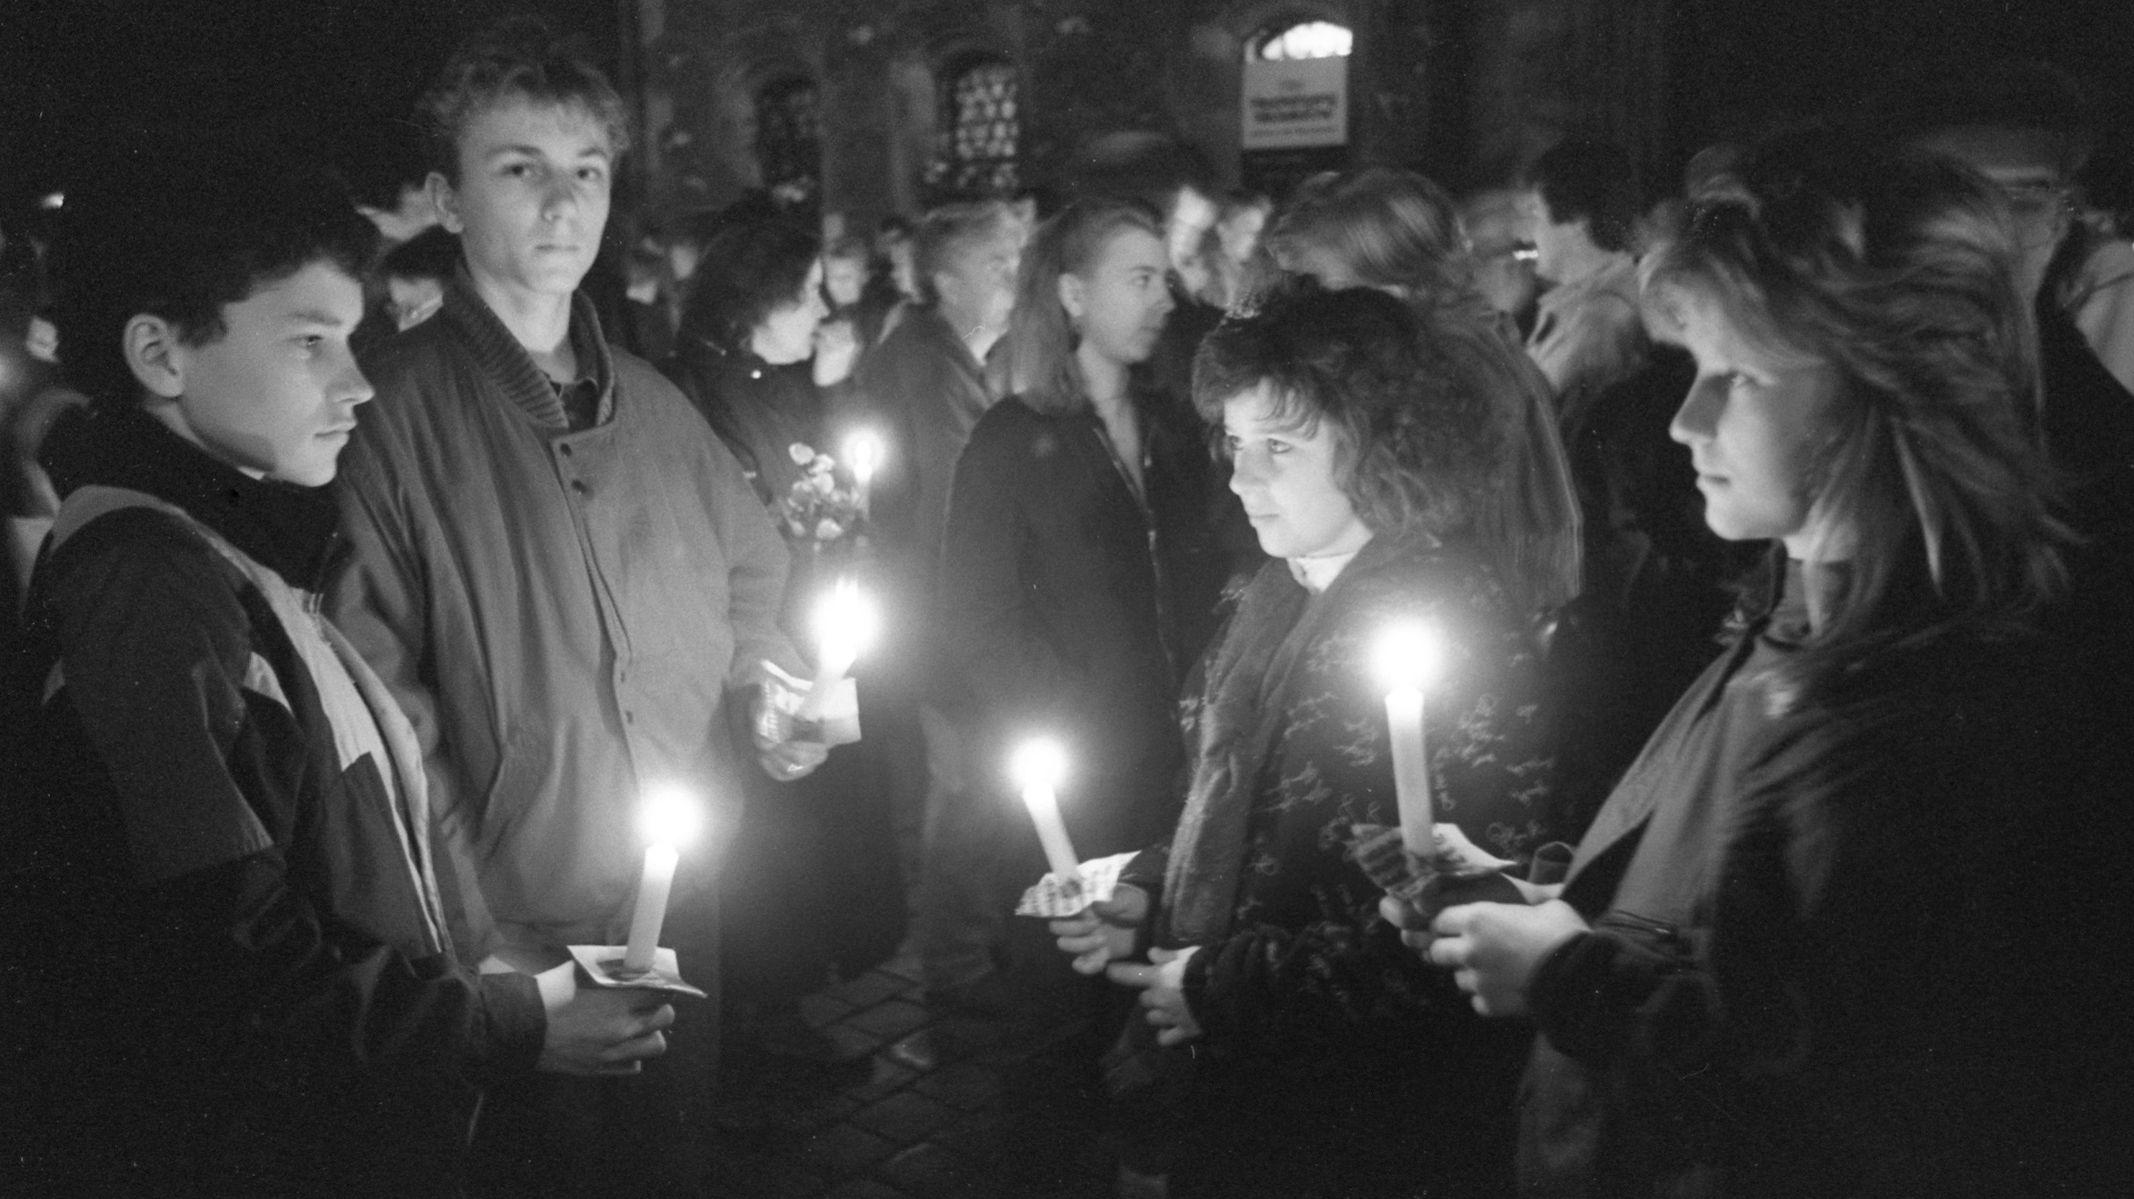 Ein Schweigemarsch mit Kerzen findet am 9. November 1989 von der Nikolaikirche beginnend durch Leipzig statt.